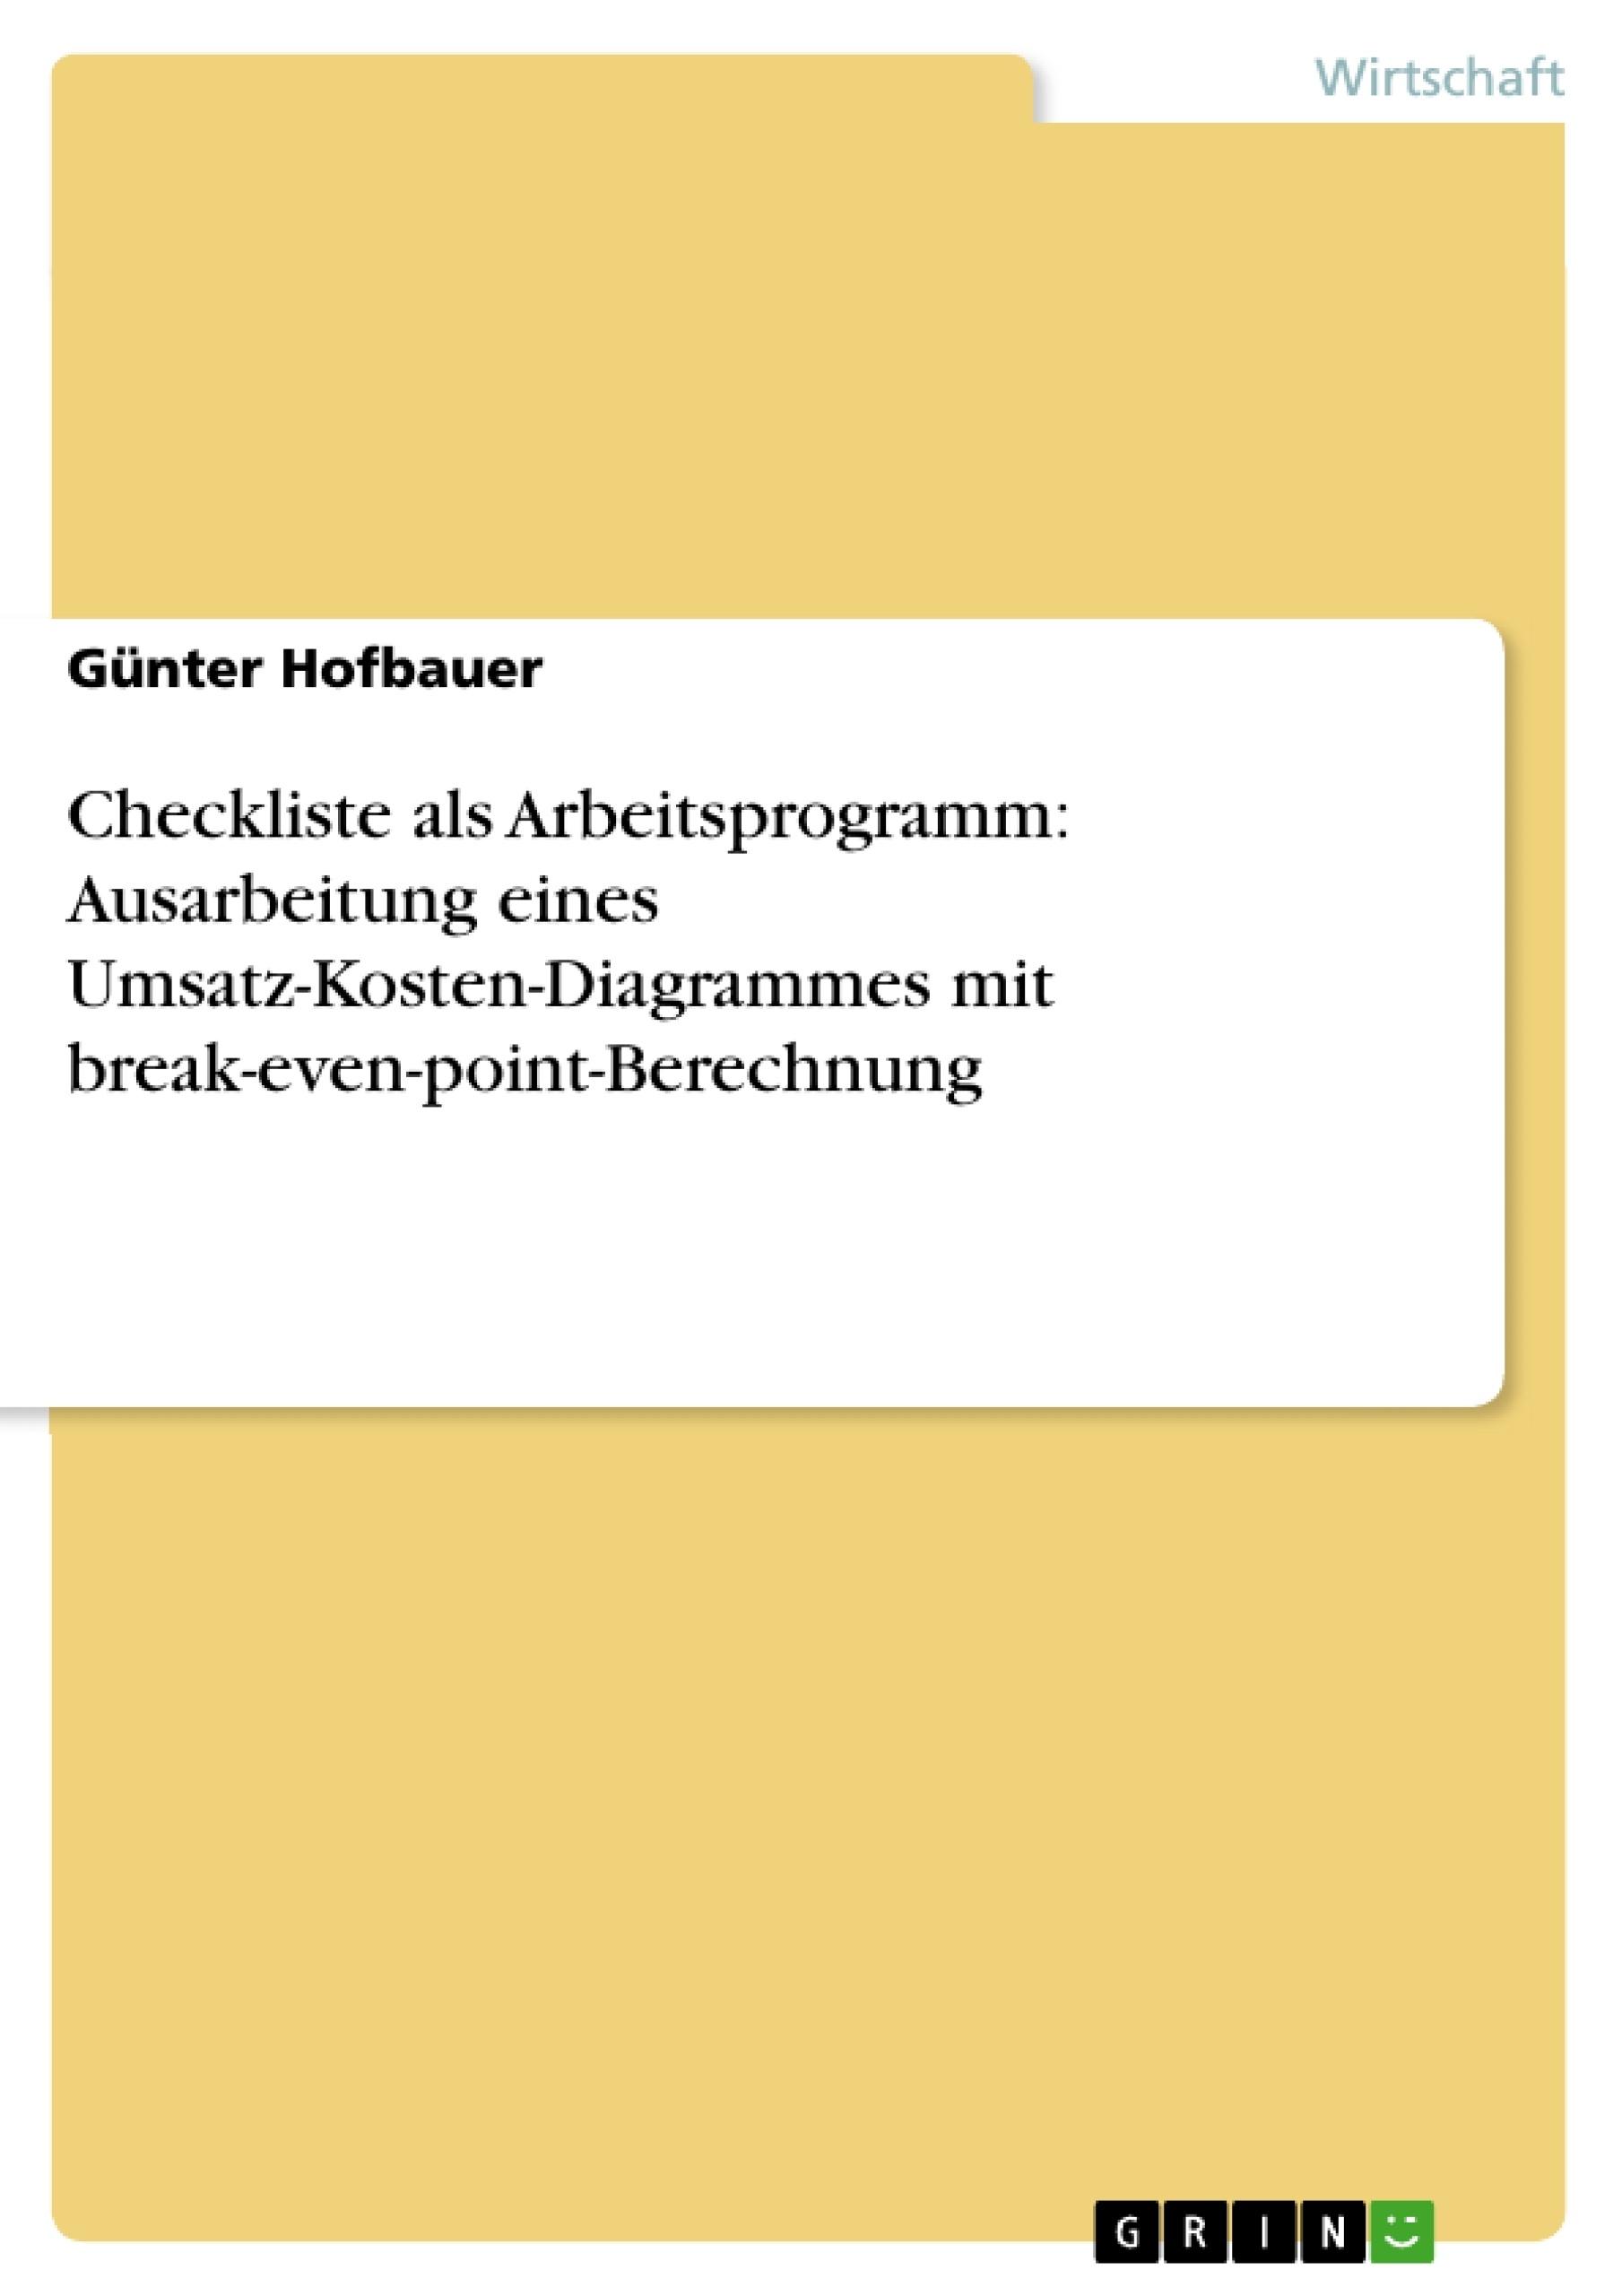 Titel: Checkliste als Arbeitsprogramm: Ausarbeitung eines Umsatz-Kosten-Diagrammes mit break-even-point-Berechnung